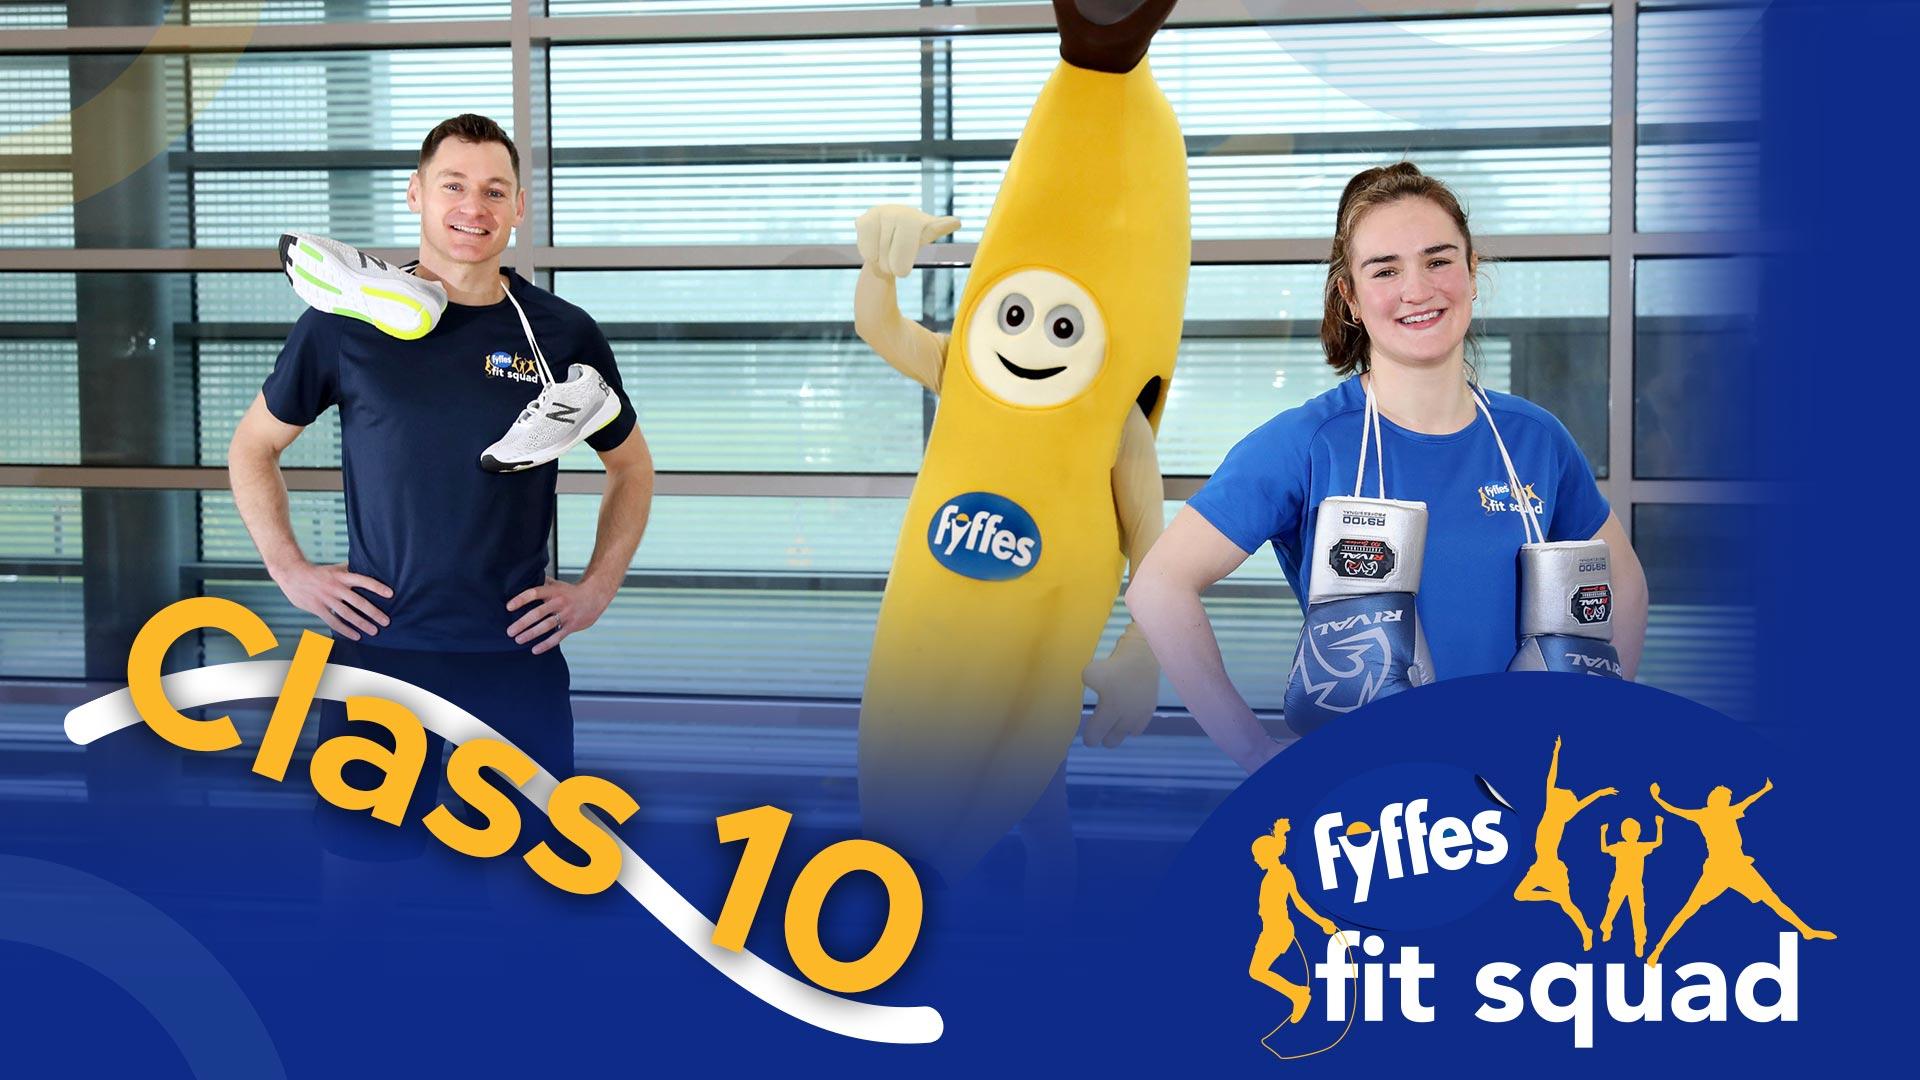 Fyffes Fit Squad Class 10